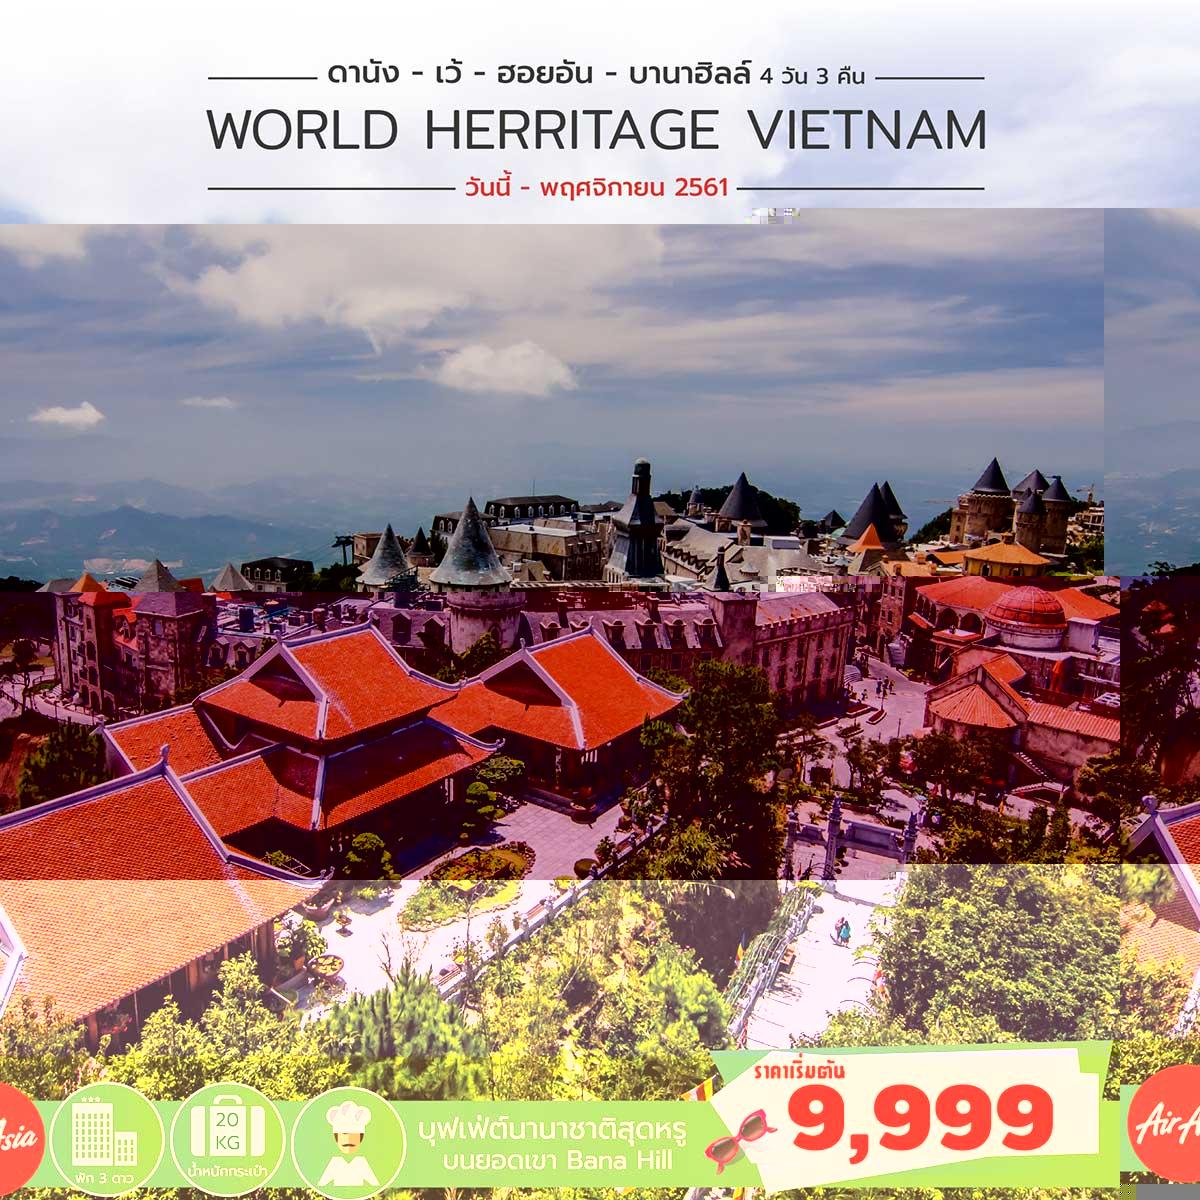 เวียดนาม WORLD HERRITAGE VIETNAM ดานัง เว้ ฮอยอัน บานาฮิลล์  4 วัน 3 คืน